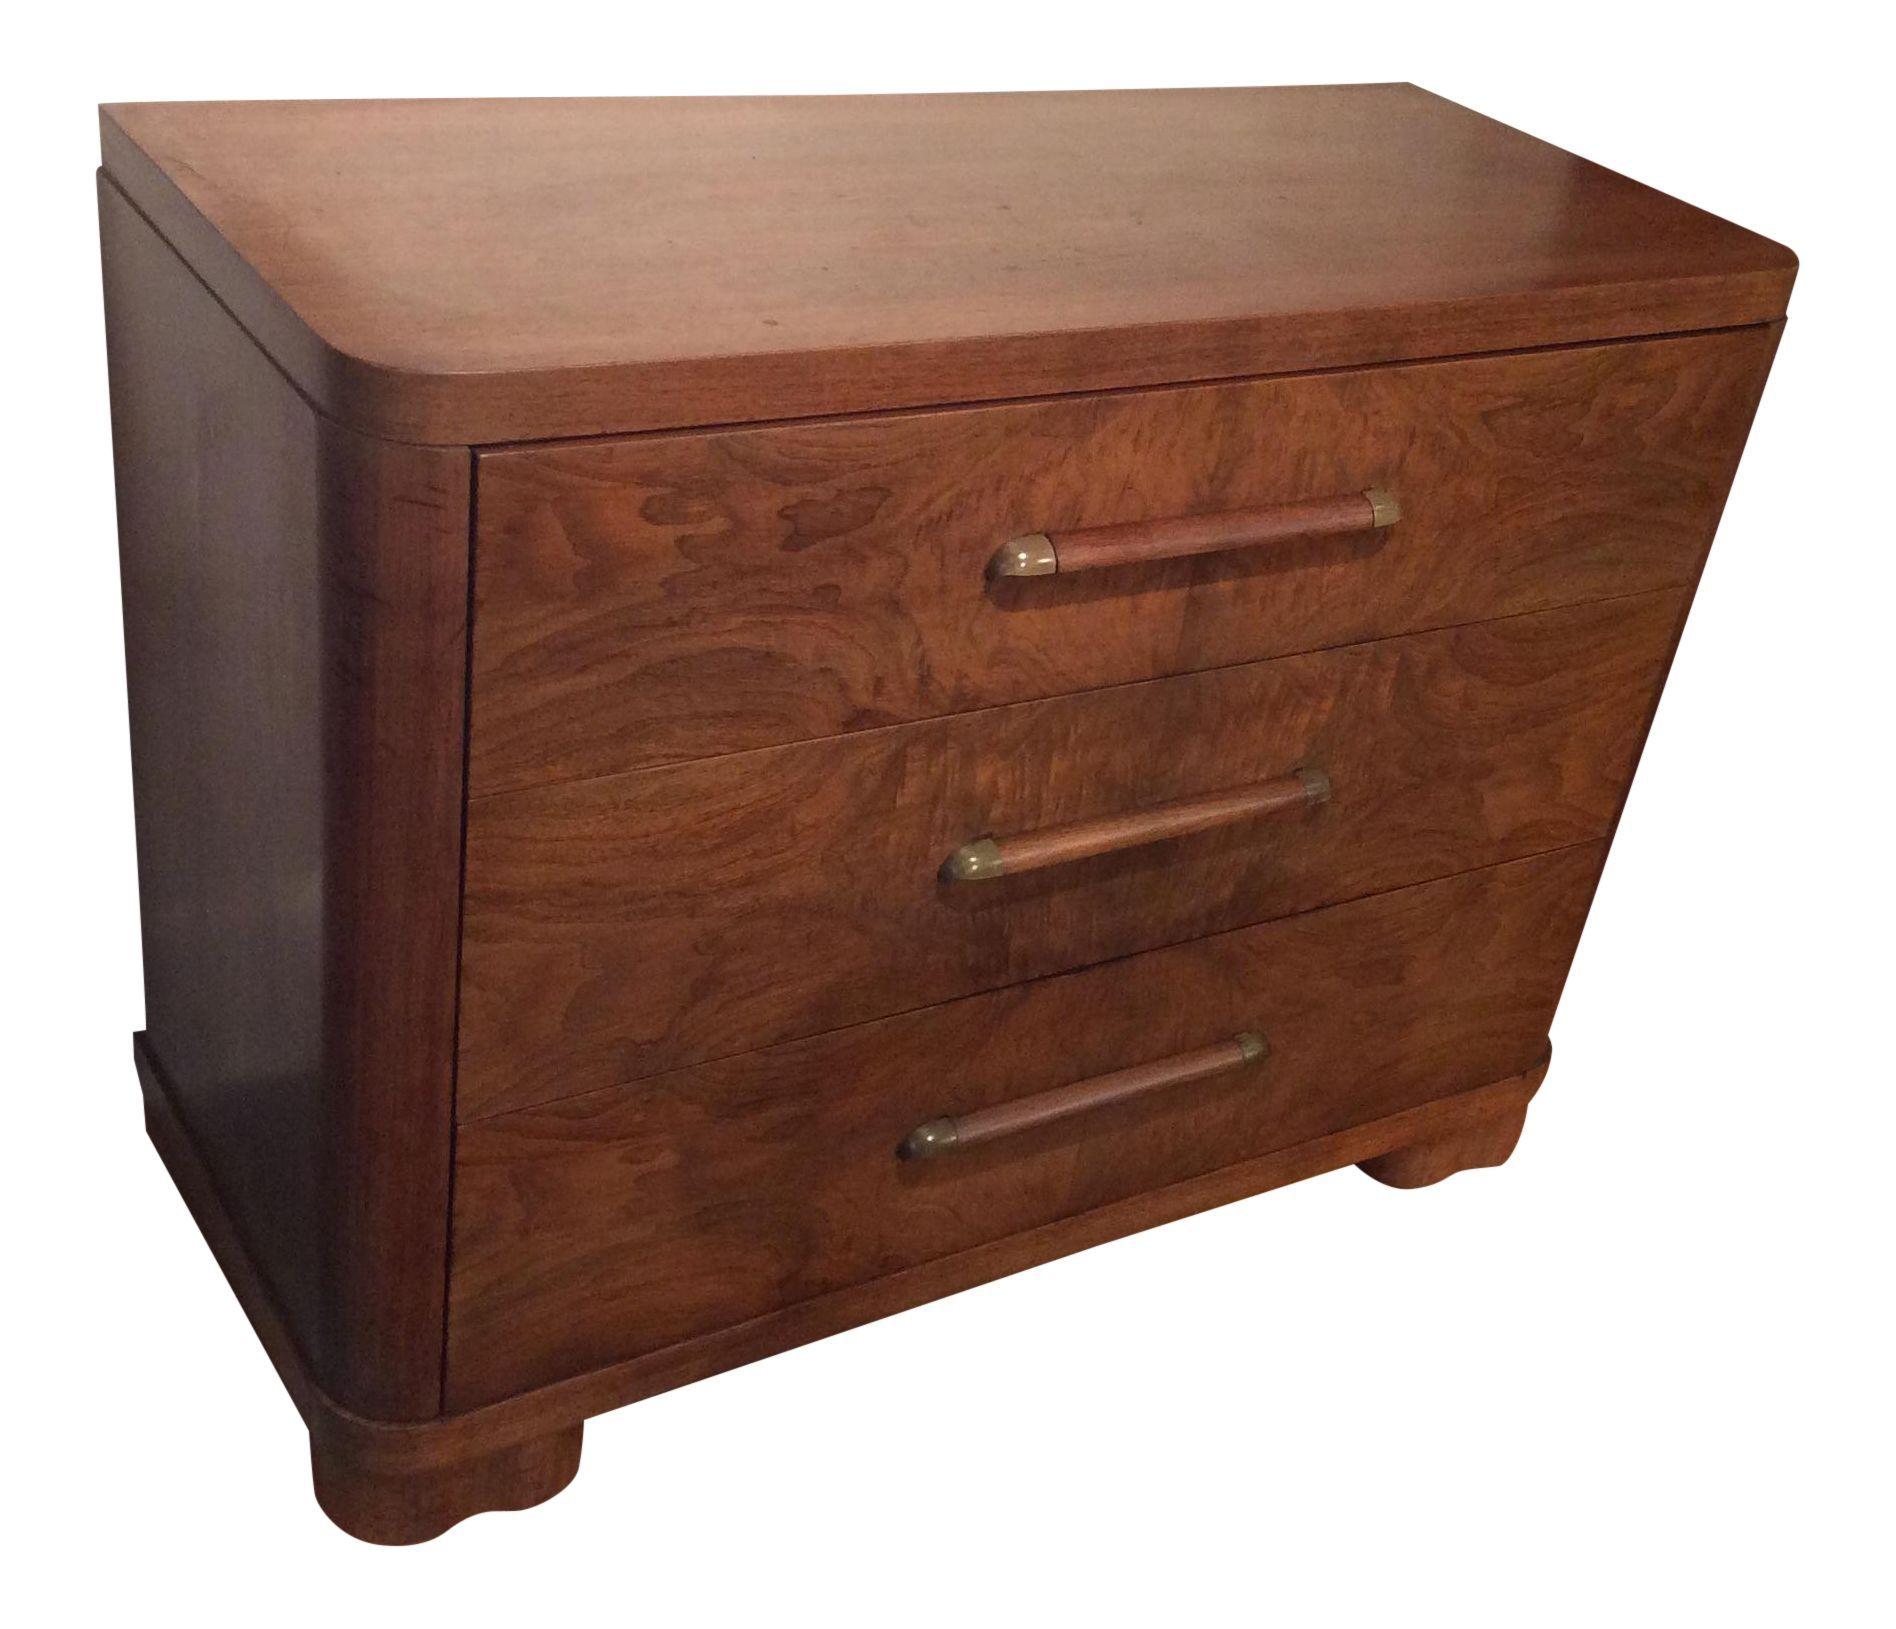 Vintage Art Deco Burled Walnut Dresser By Vanleigh Walnut